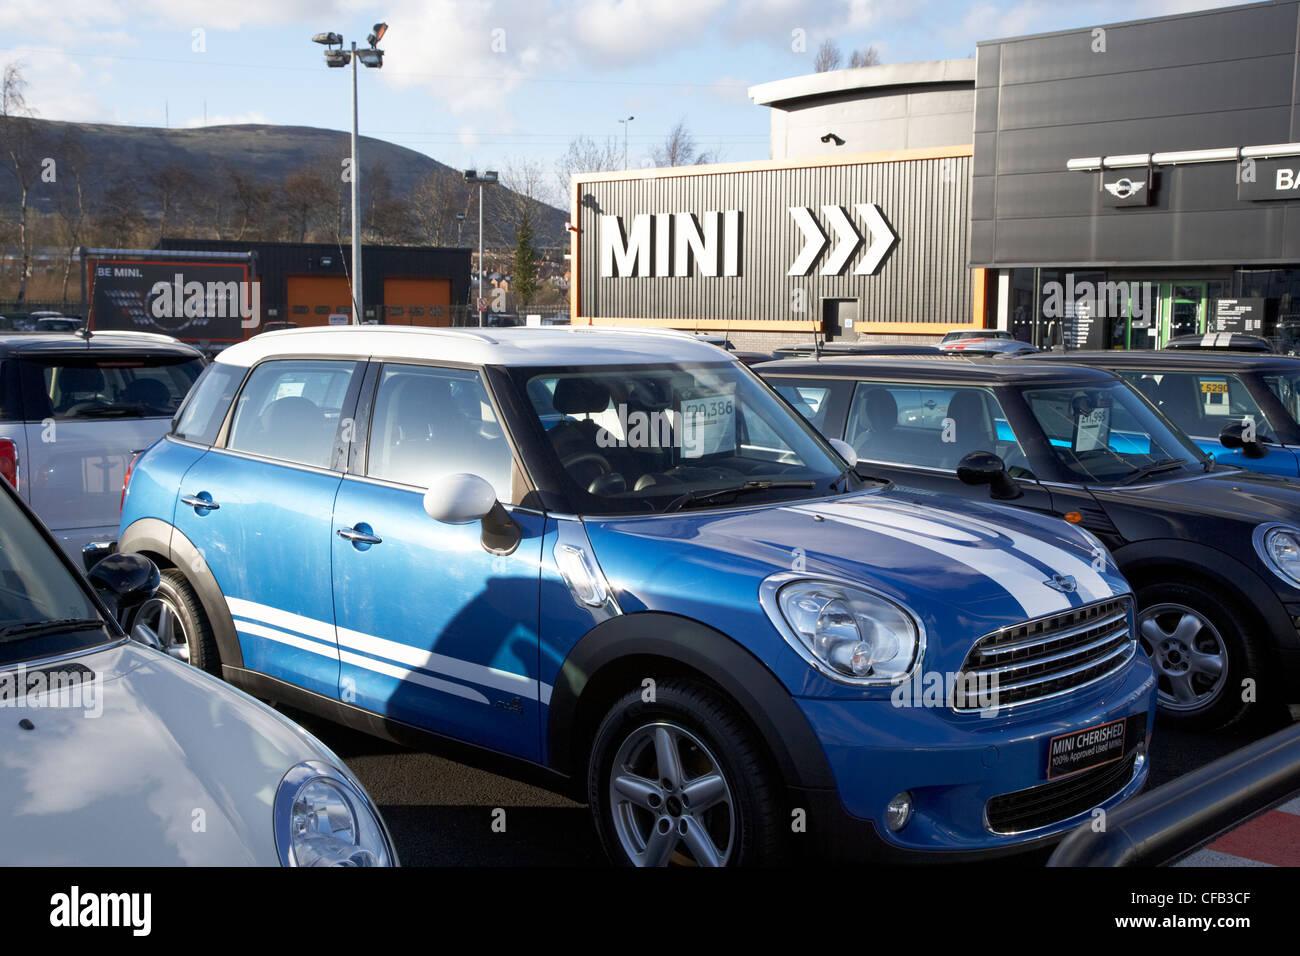 Franchise Car Dealer Stock Photos Amp Franchise Car Dealer Stock Images Alamy